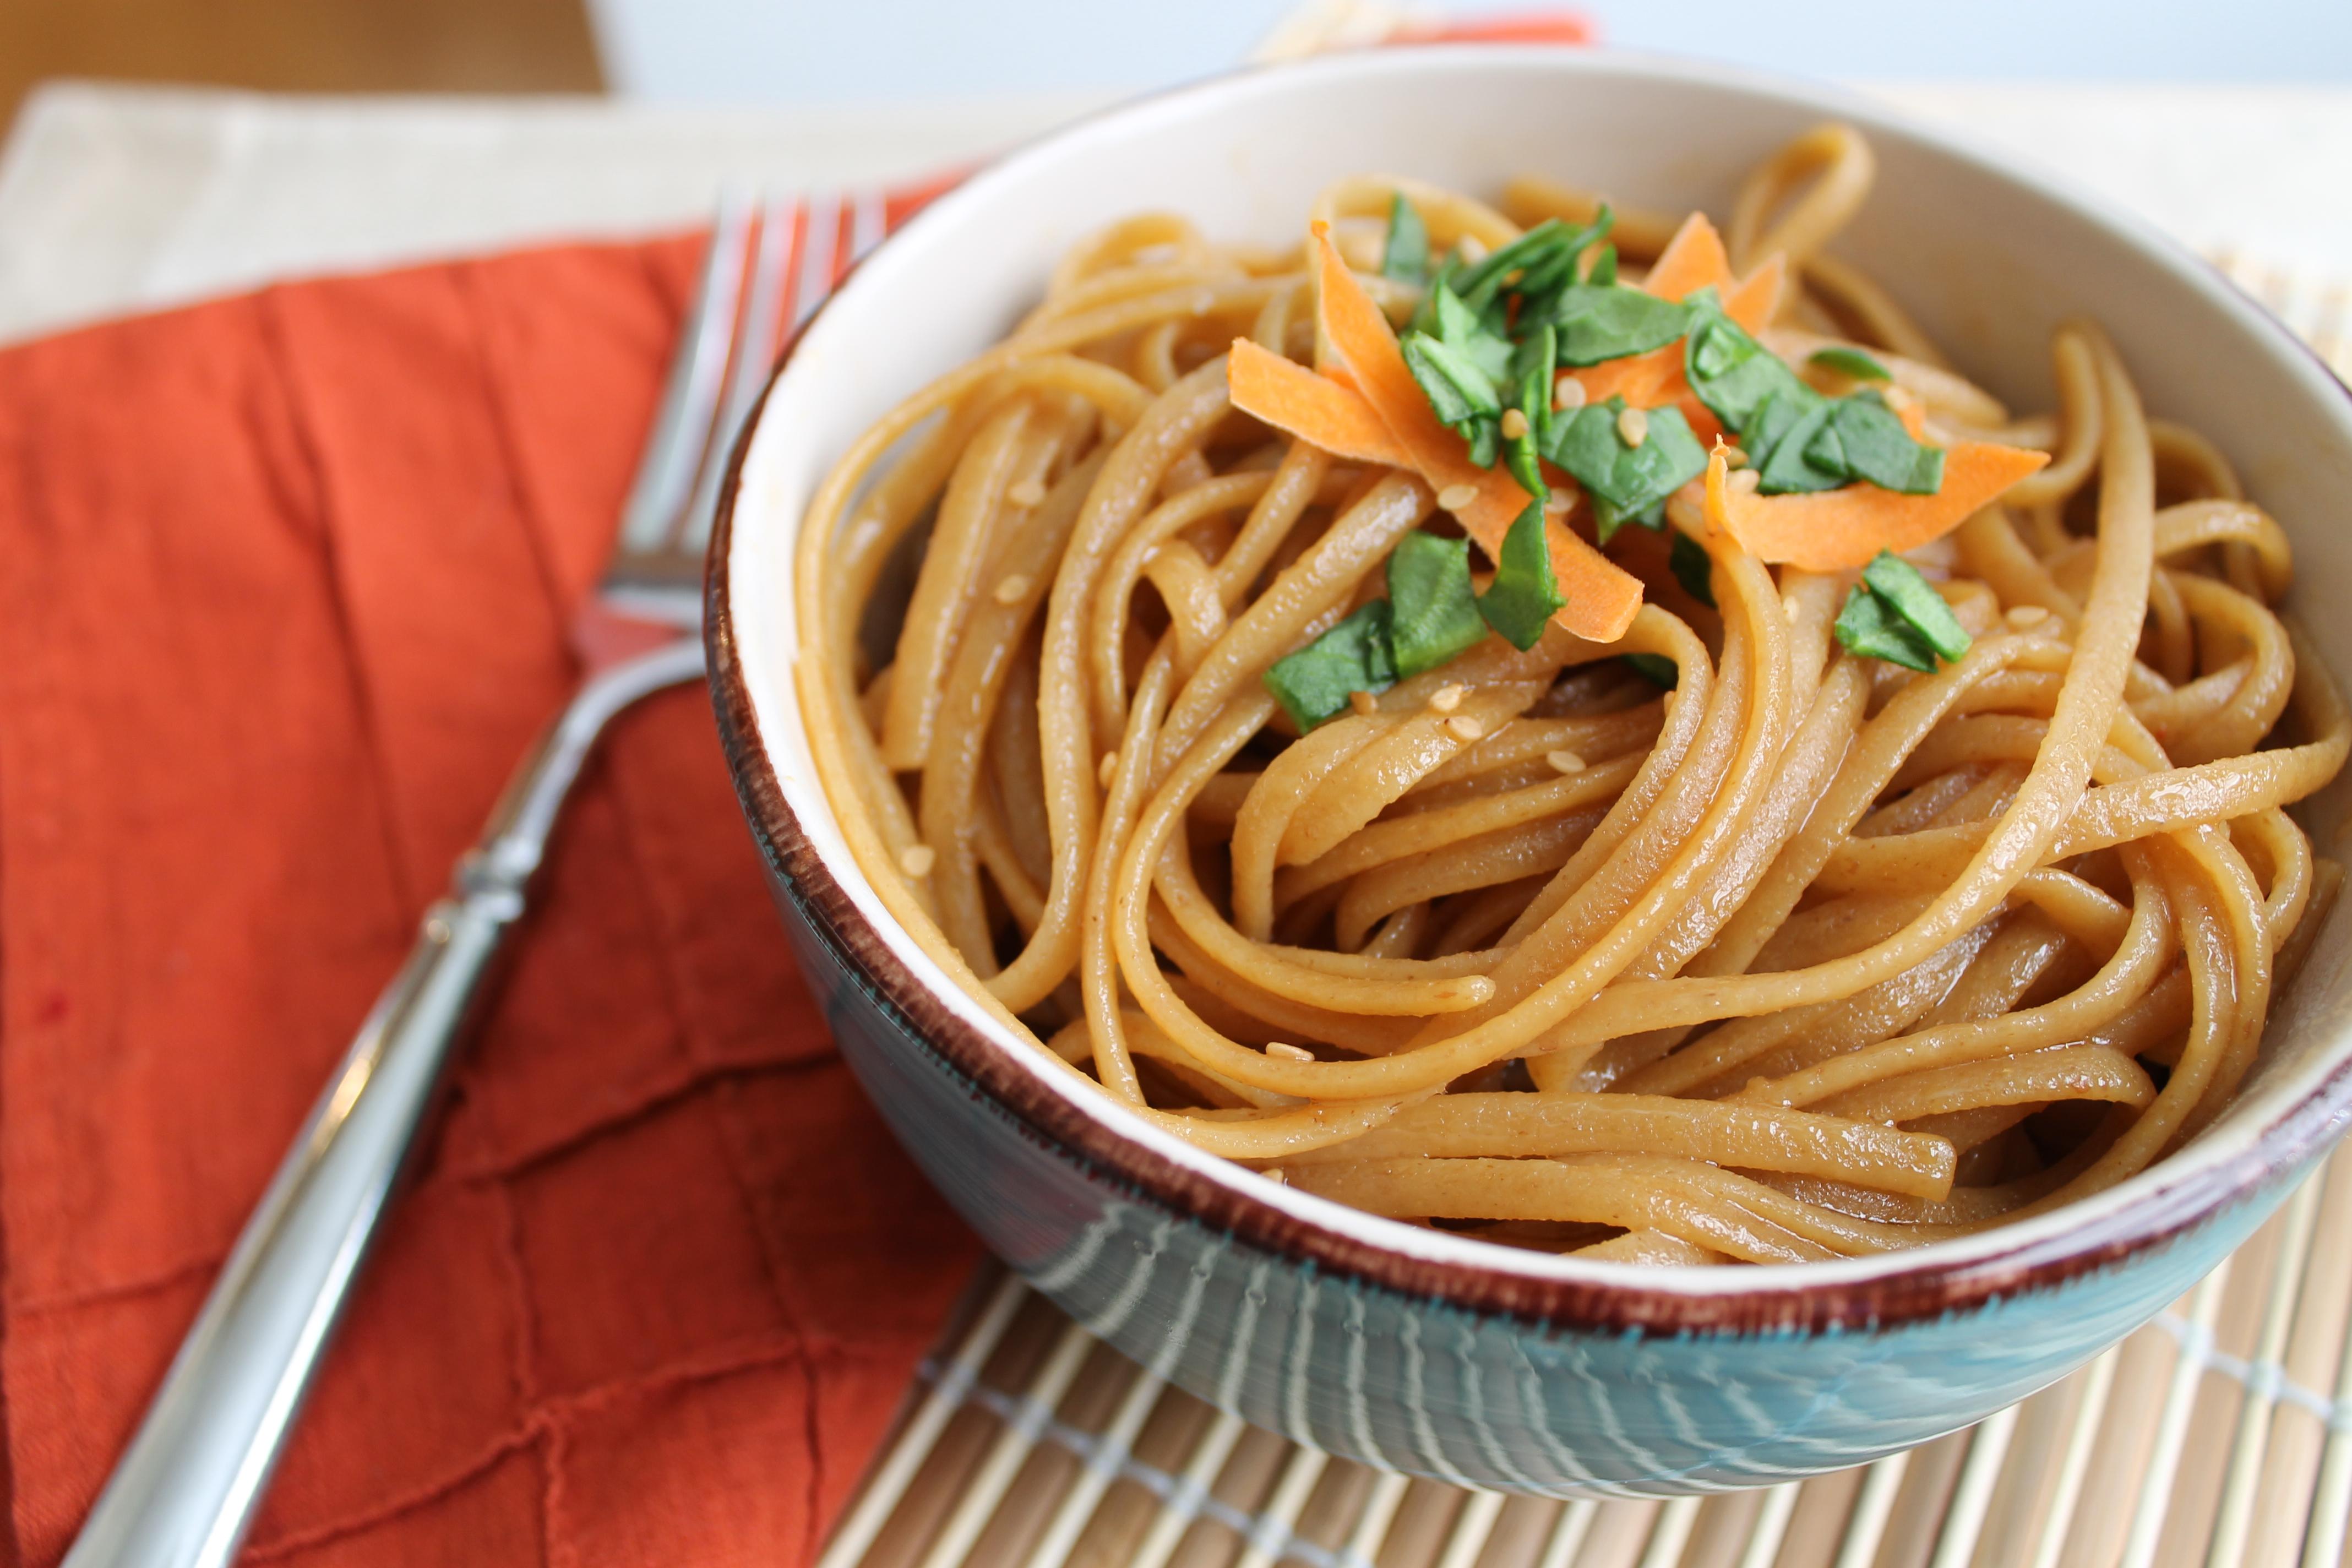 Spicy Thai Noodles | City Market / Onion River Co-op